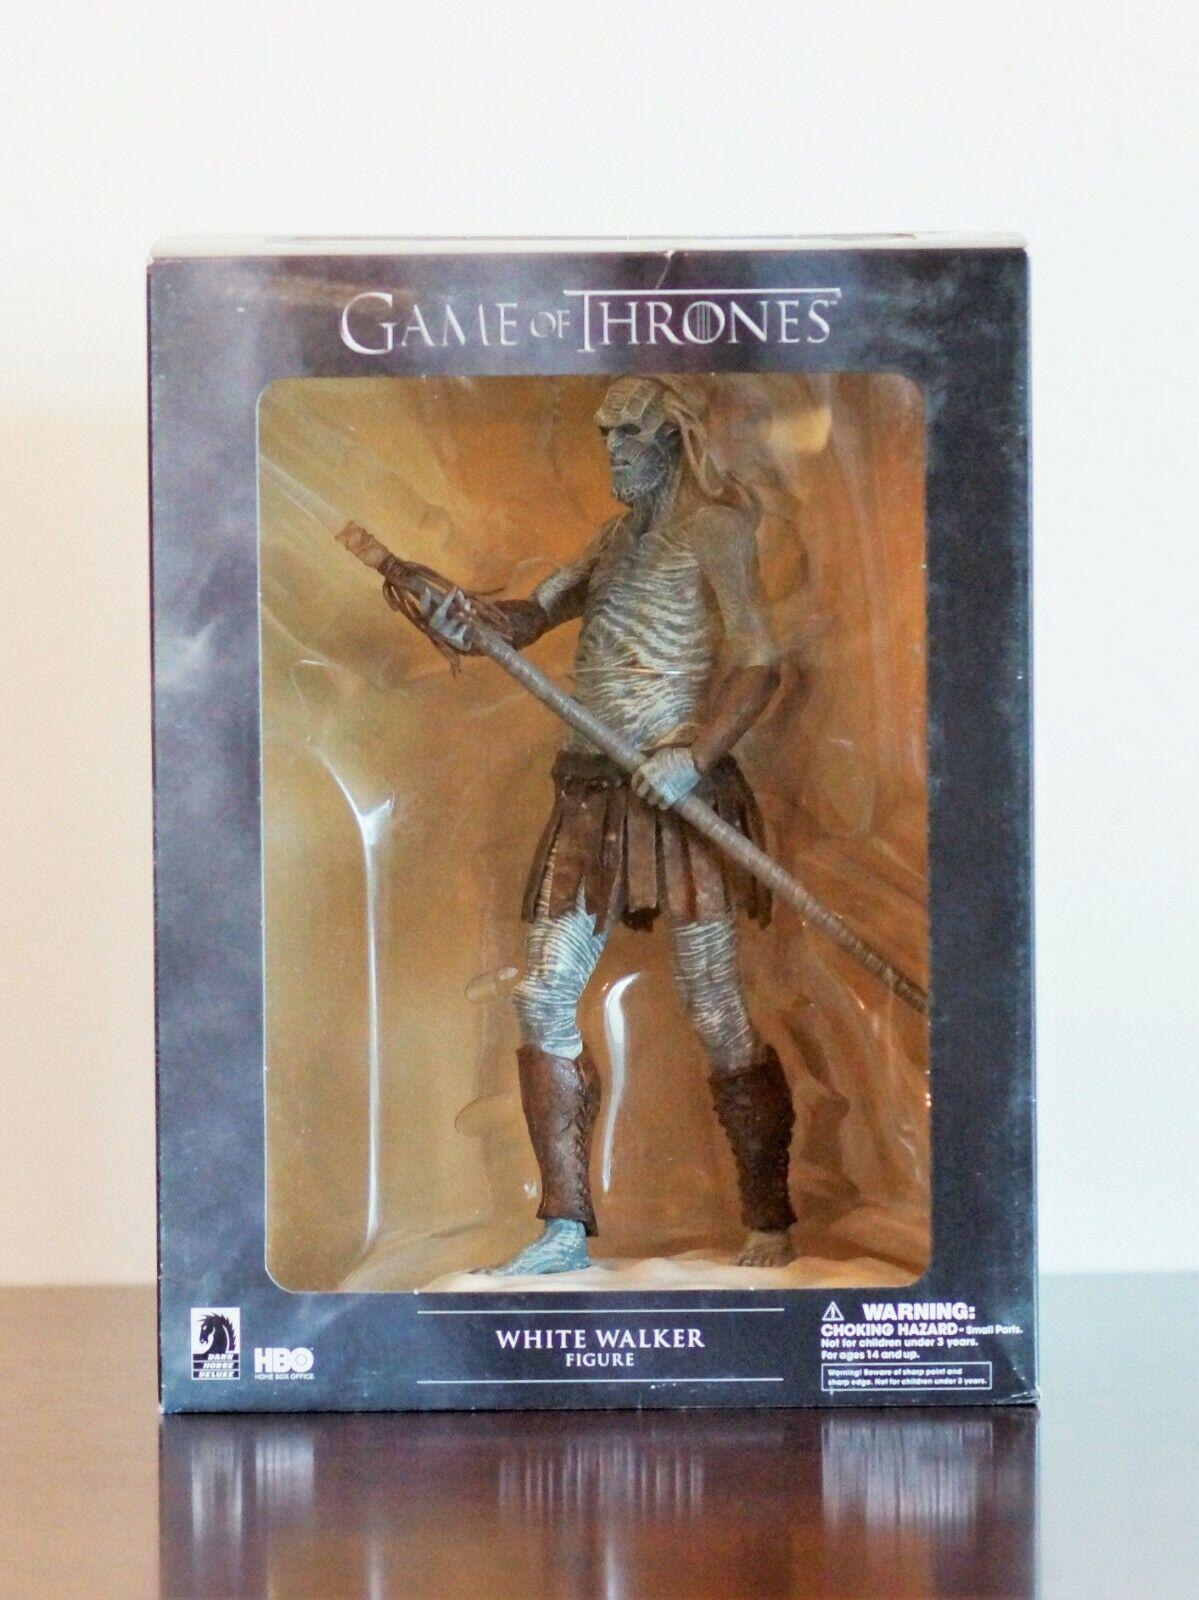 Juego de Tronos-blancoo Walker oscuro Horse figura